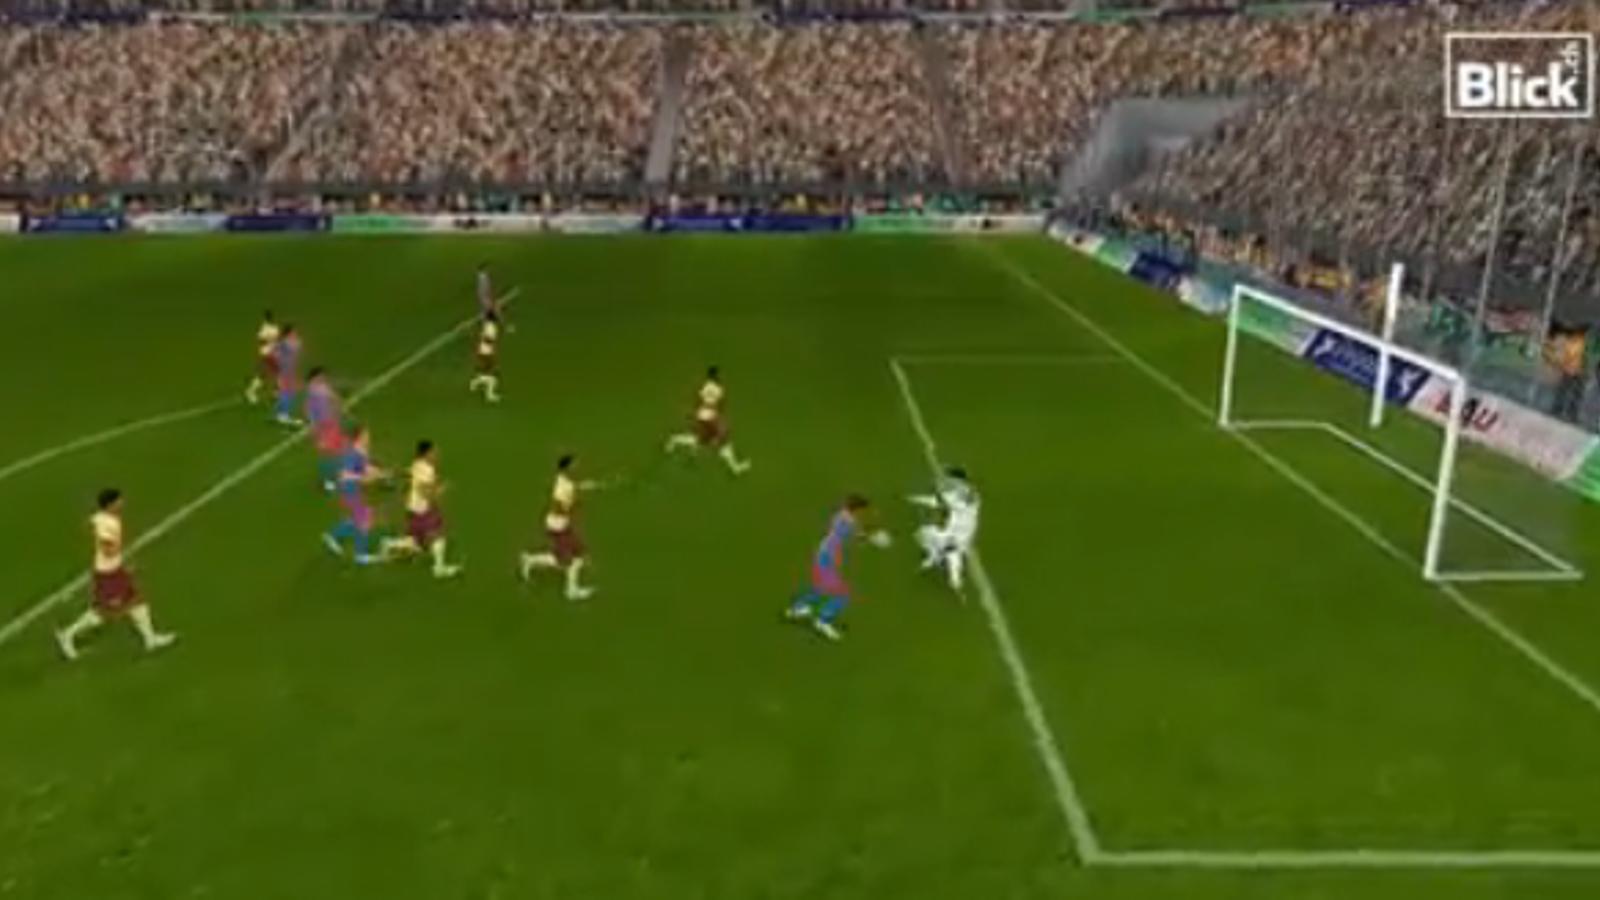 El gol de Messi a Almunia, en versió Playstation